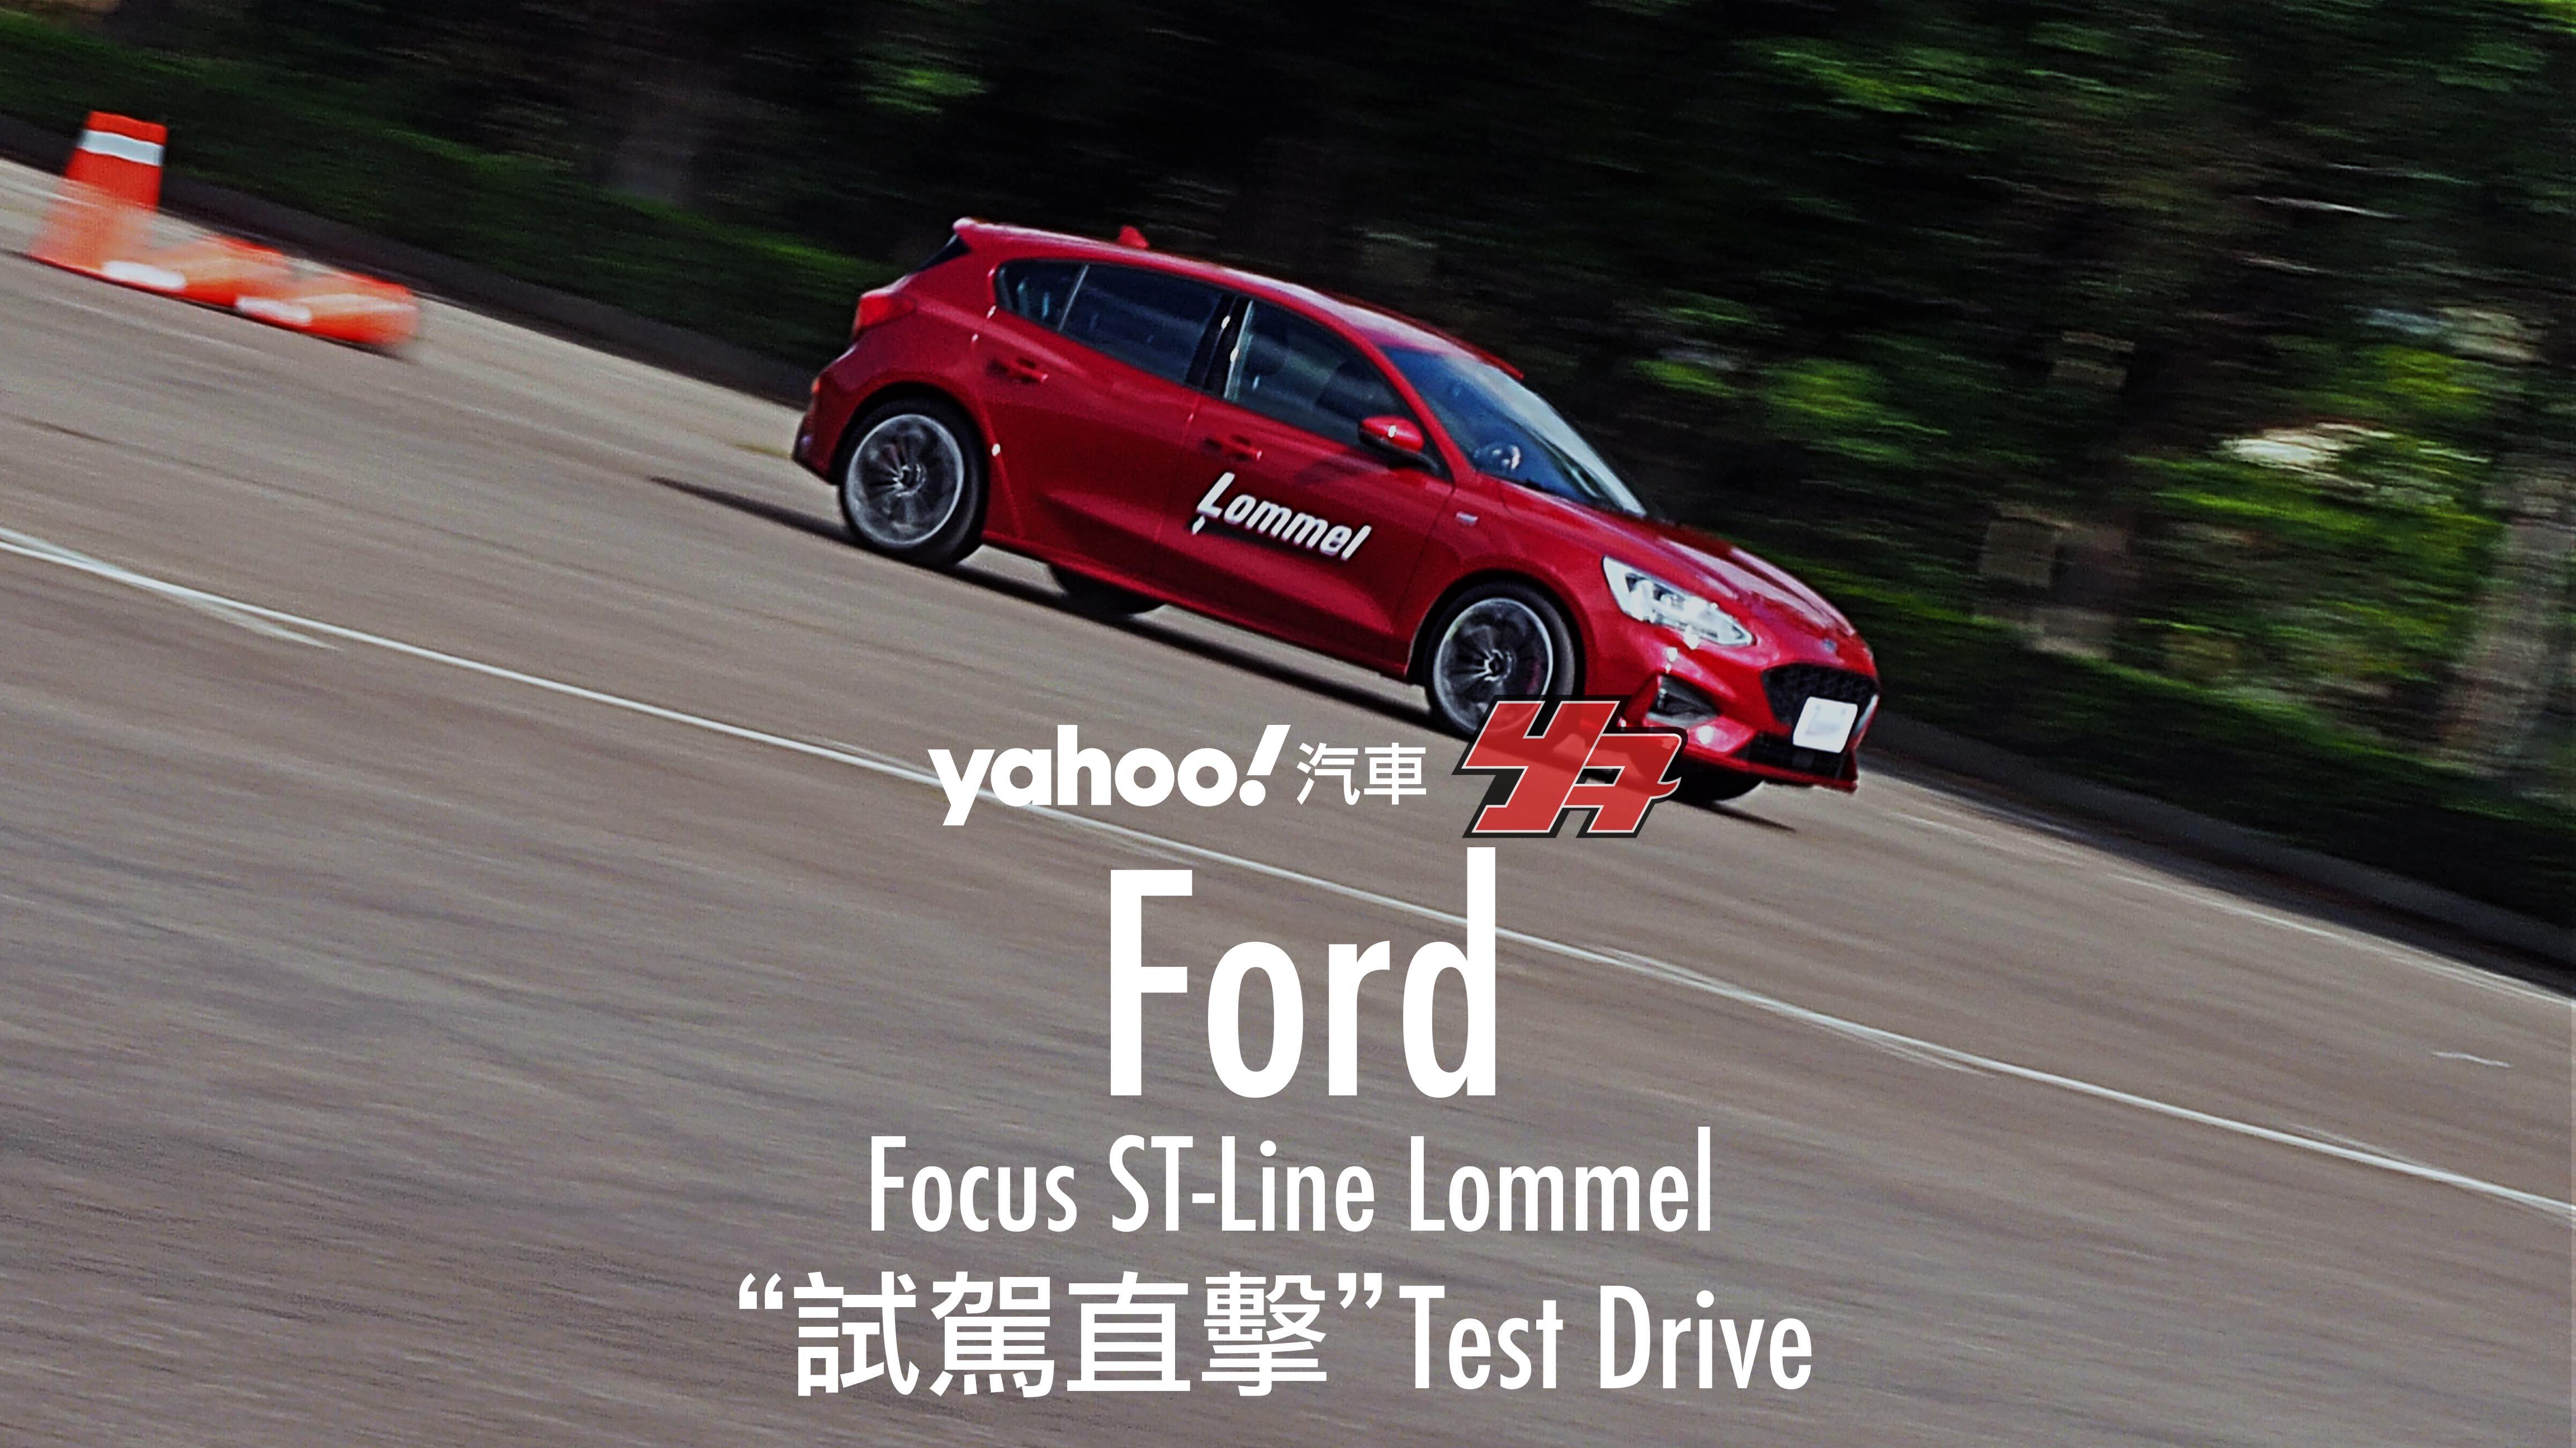 【試駕直擊】多連桿來襲、扭力樑依然撐得住!2020 Ford Focus ST-Line Lommel賽道特化版試駕實測!